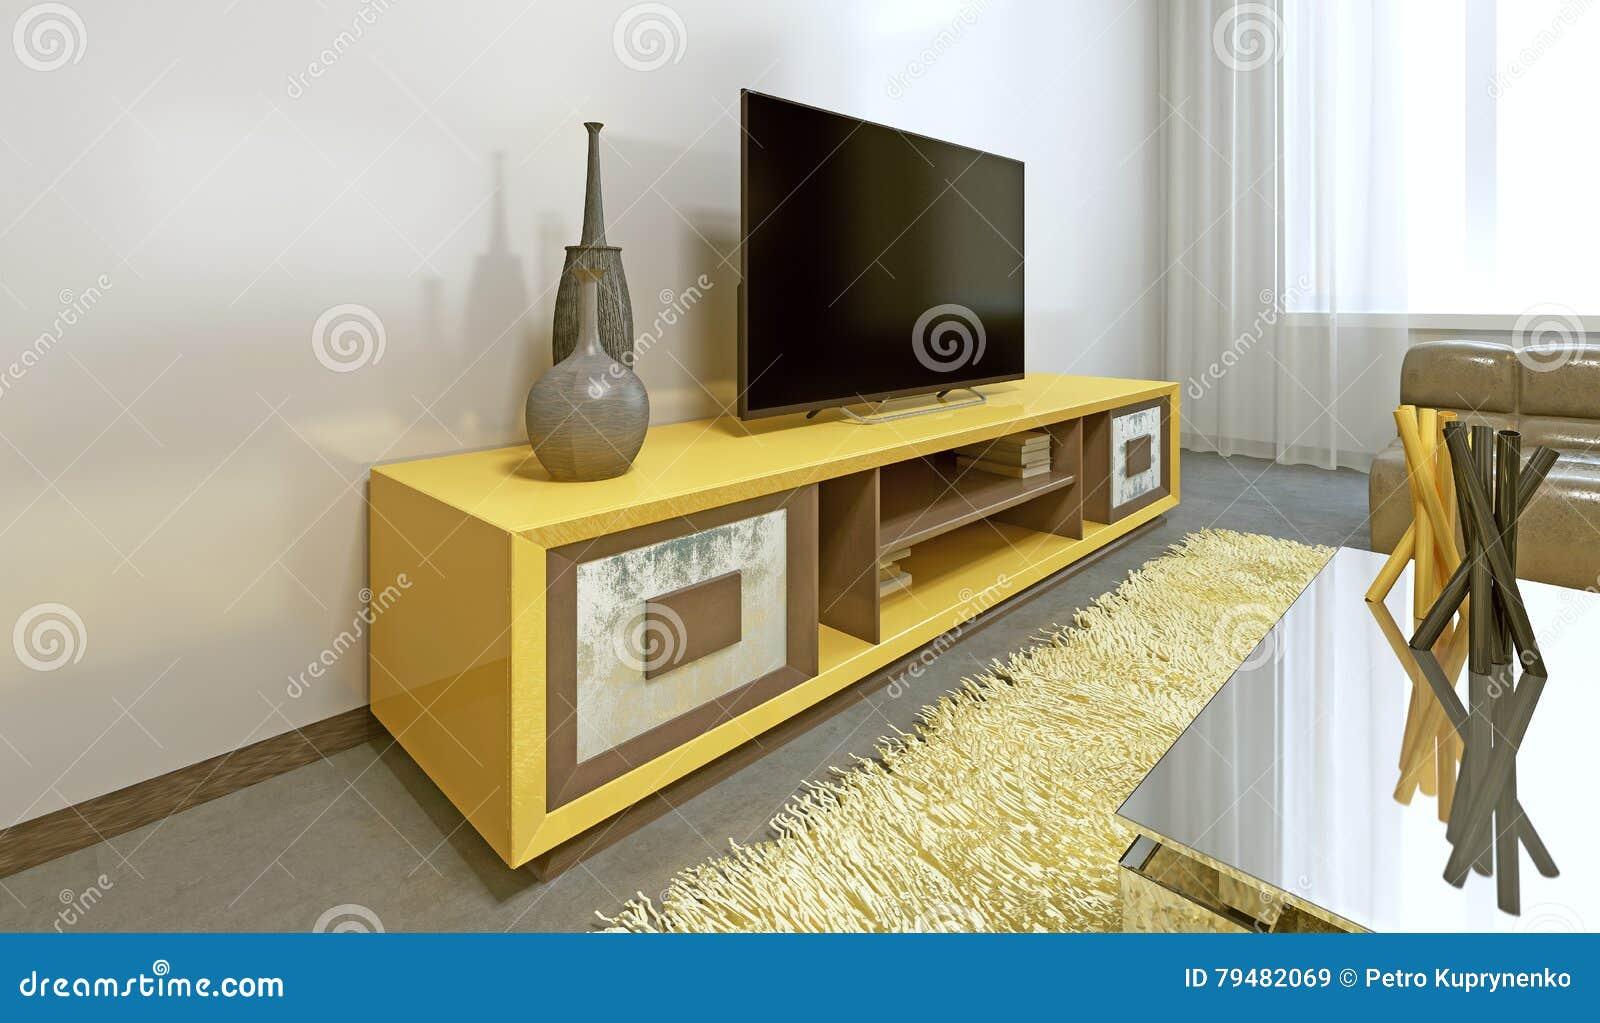 Helle Gelb Fernseheinheit Im Modernen Wohnzimmer Stock Abbildung